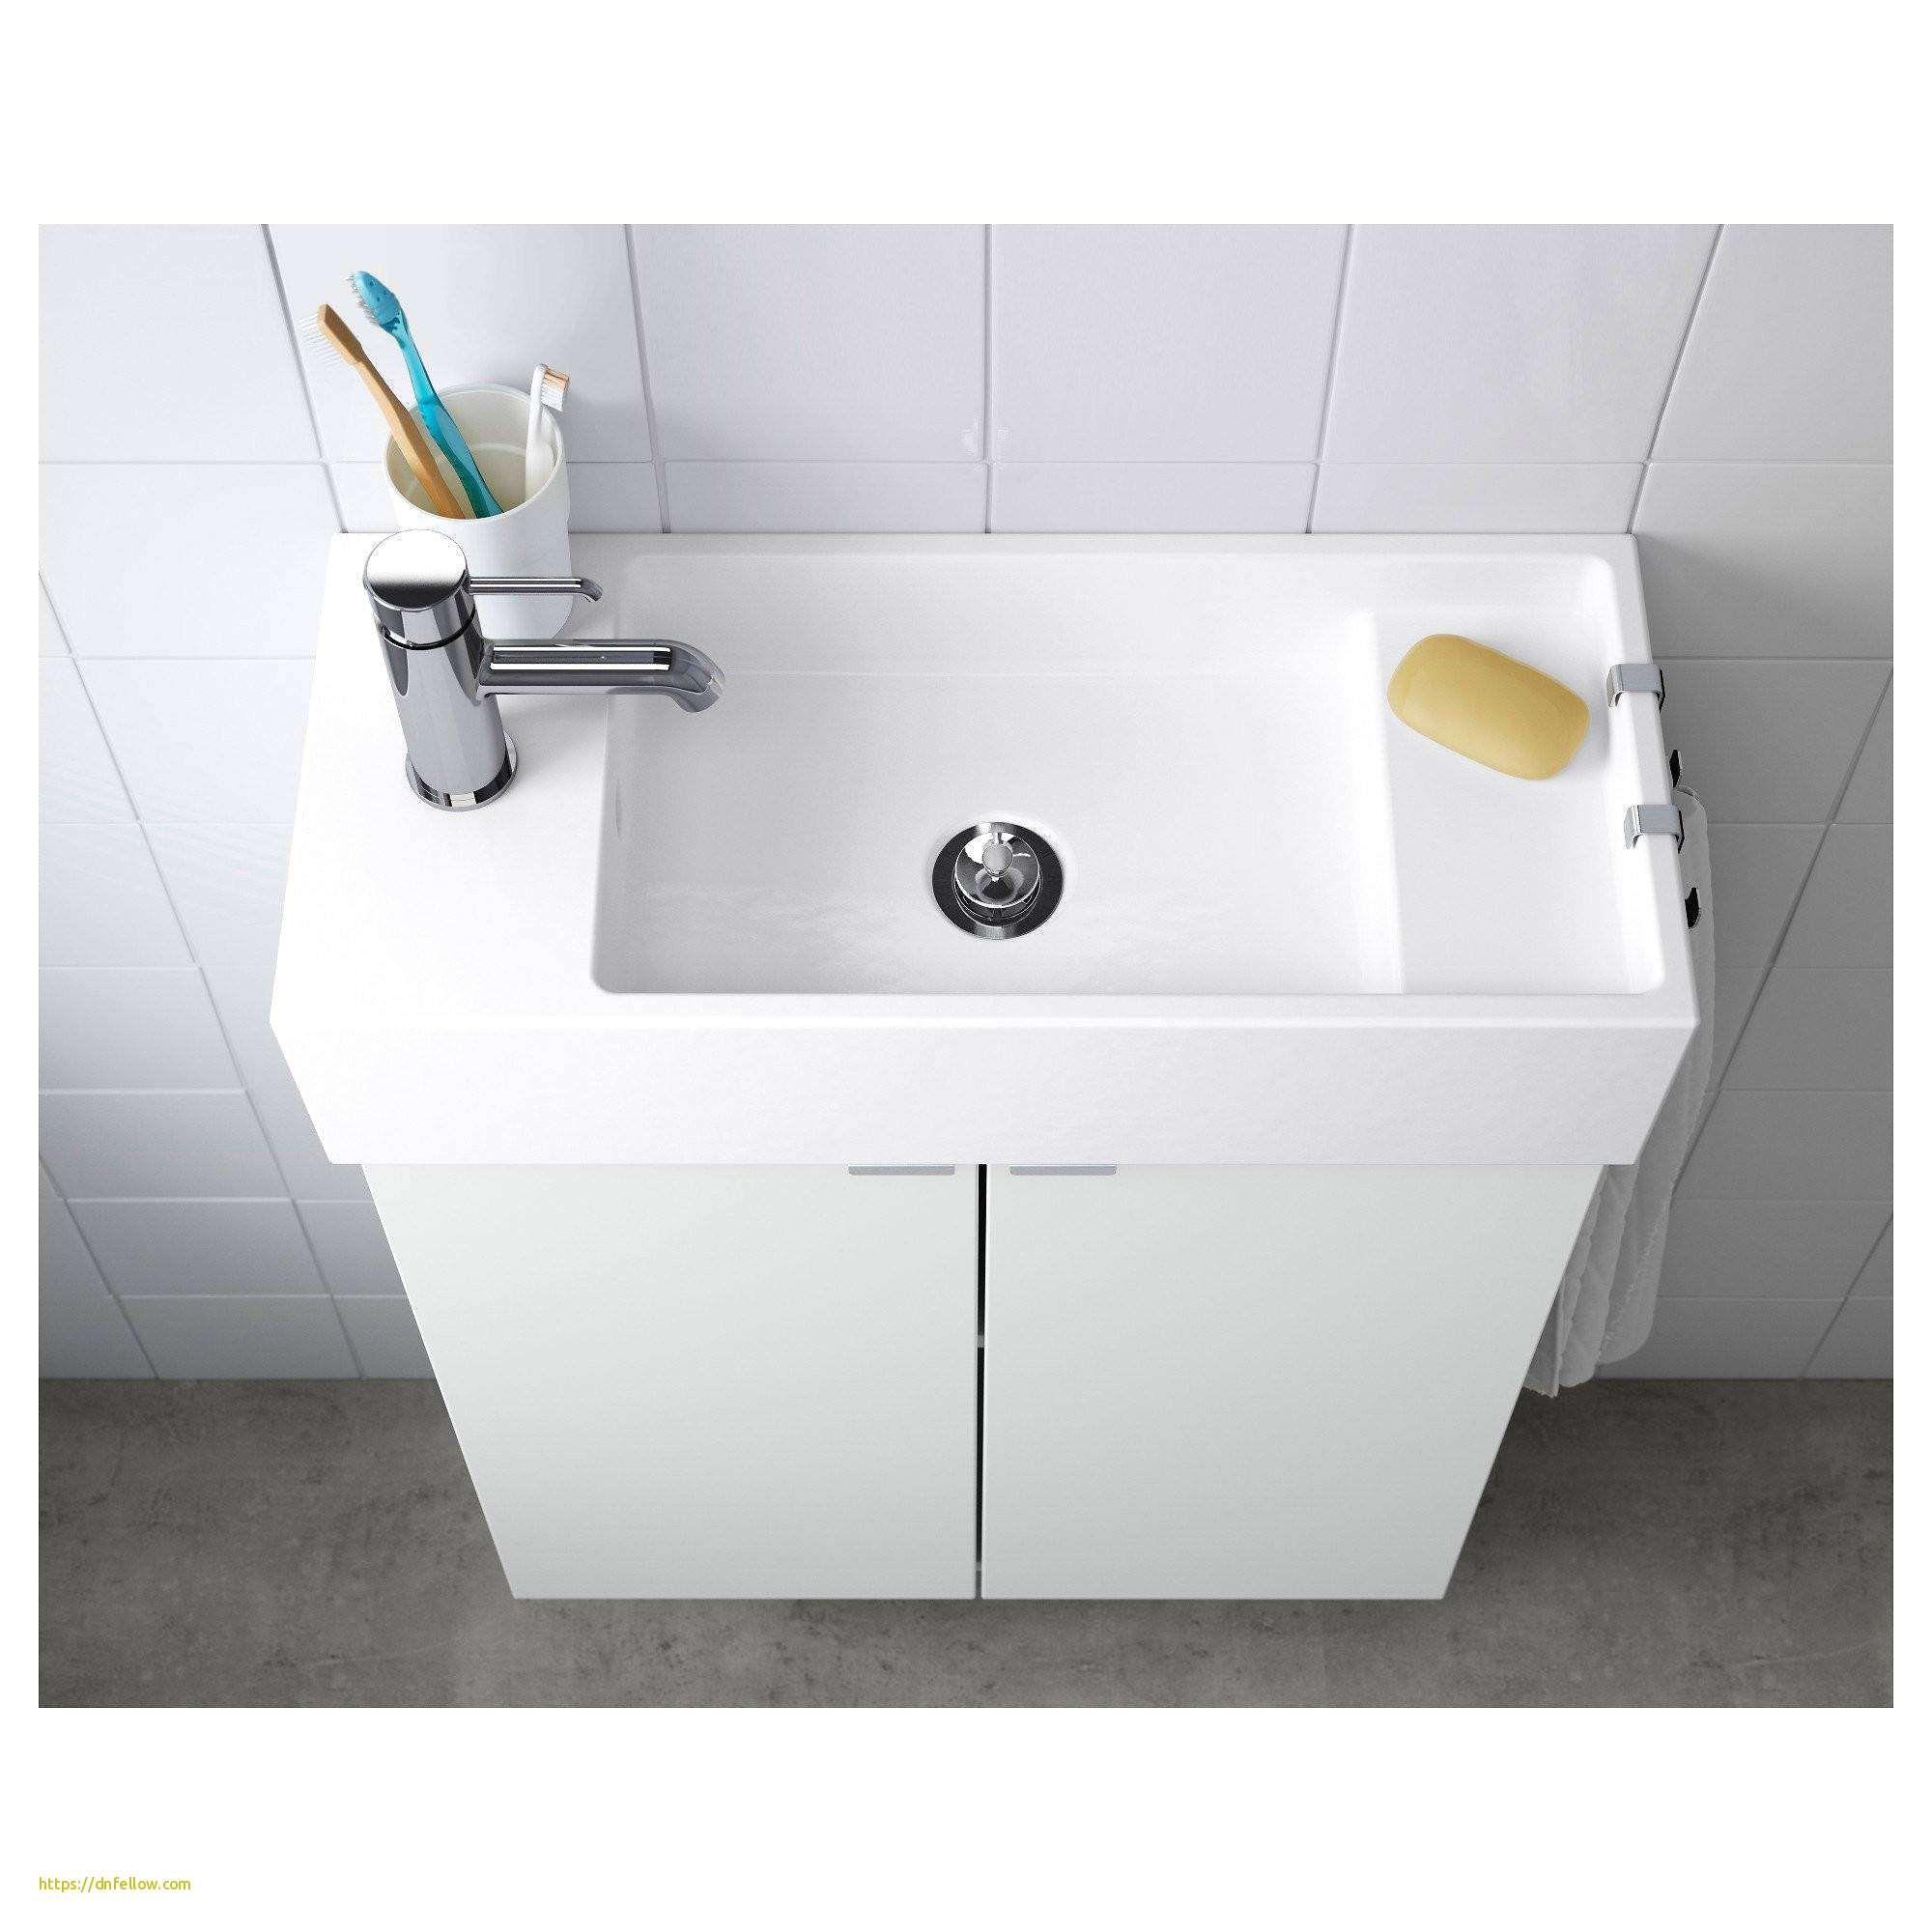 Unique B and Q Bathroom Design Ideas Unique B and Q Bathroom Design ...